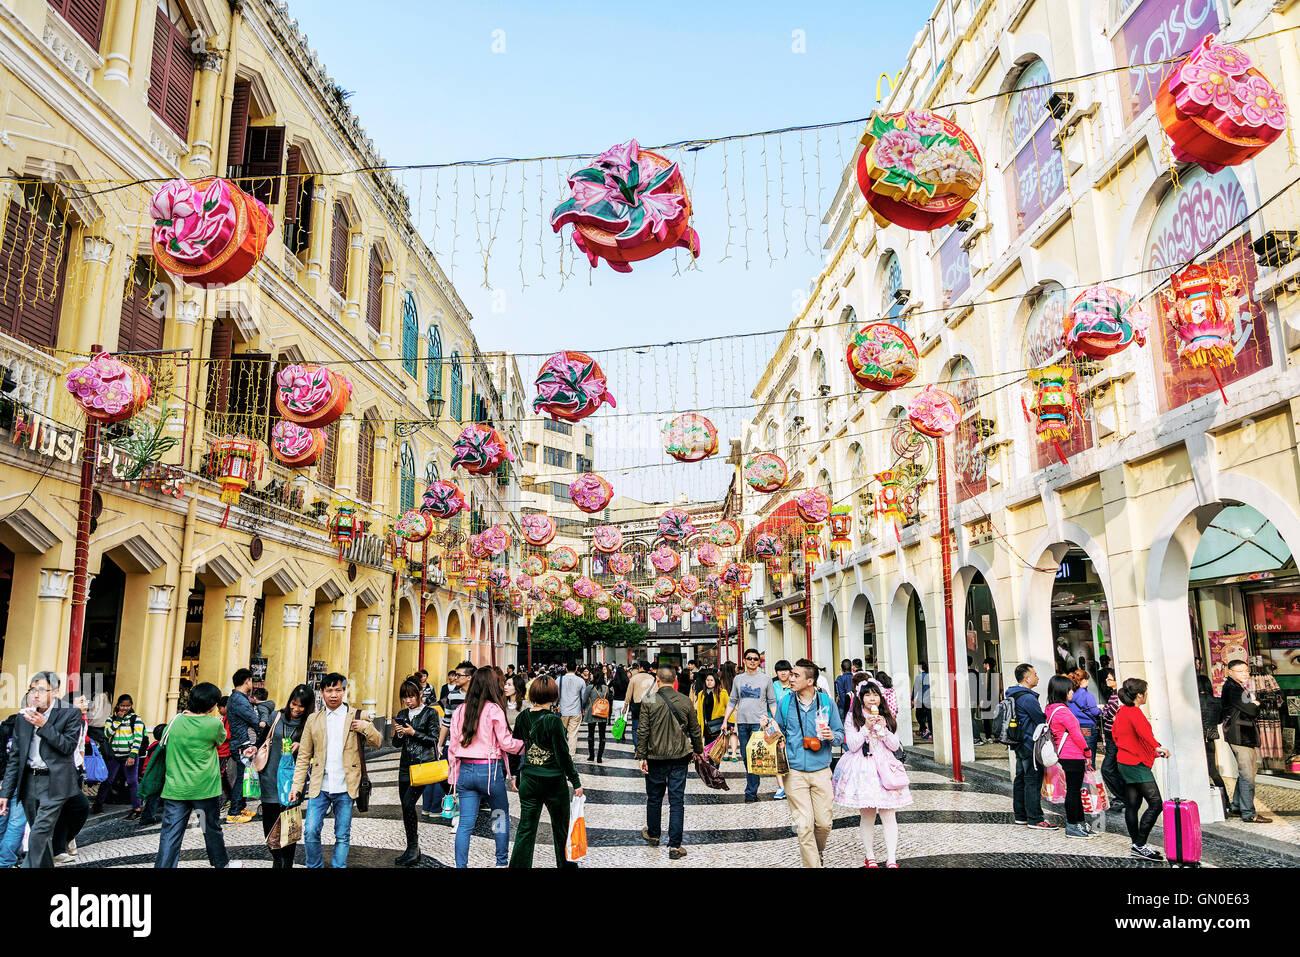 Leal Senado square célèbre attraction touristique dans le centre de l'ancienne ville coloniale de Photo Stock